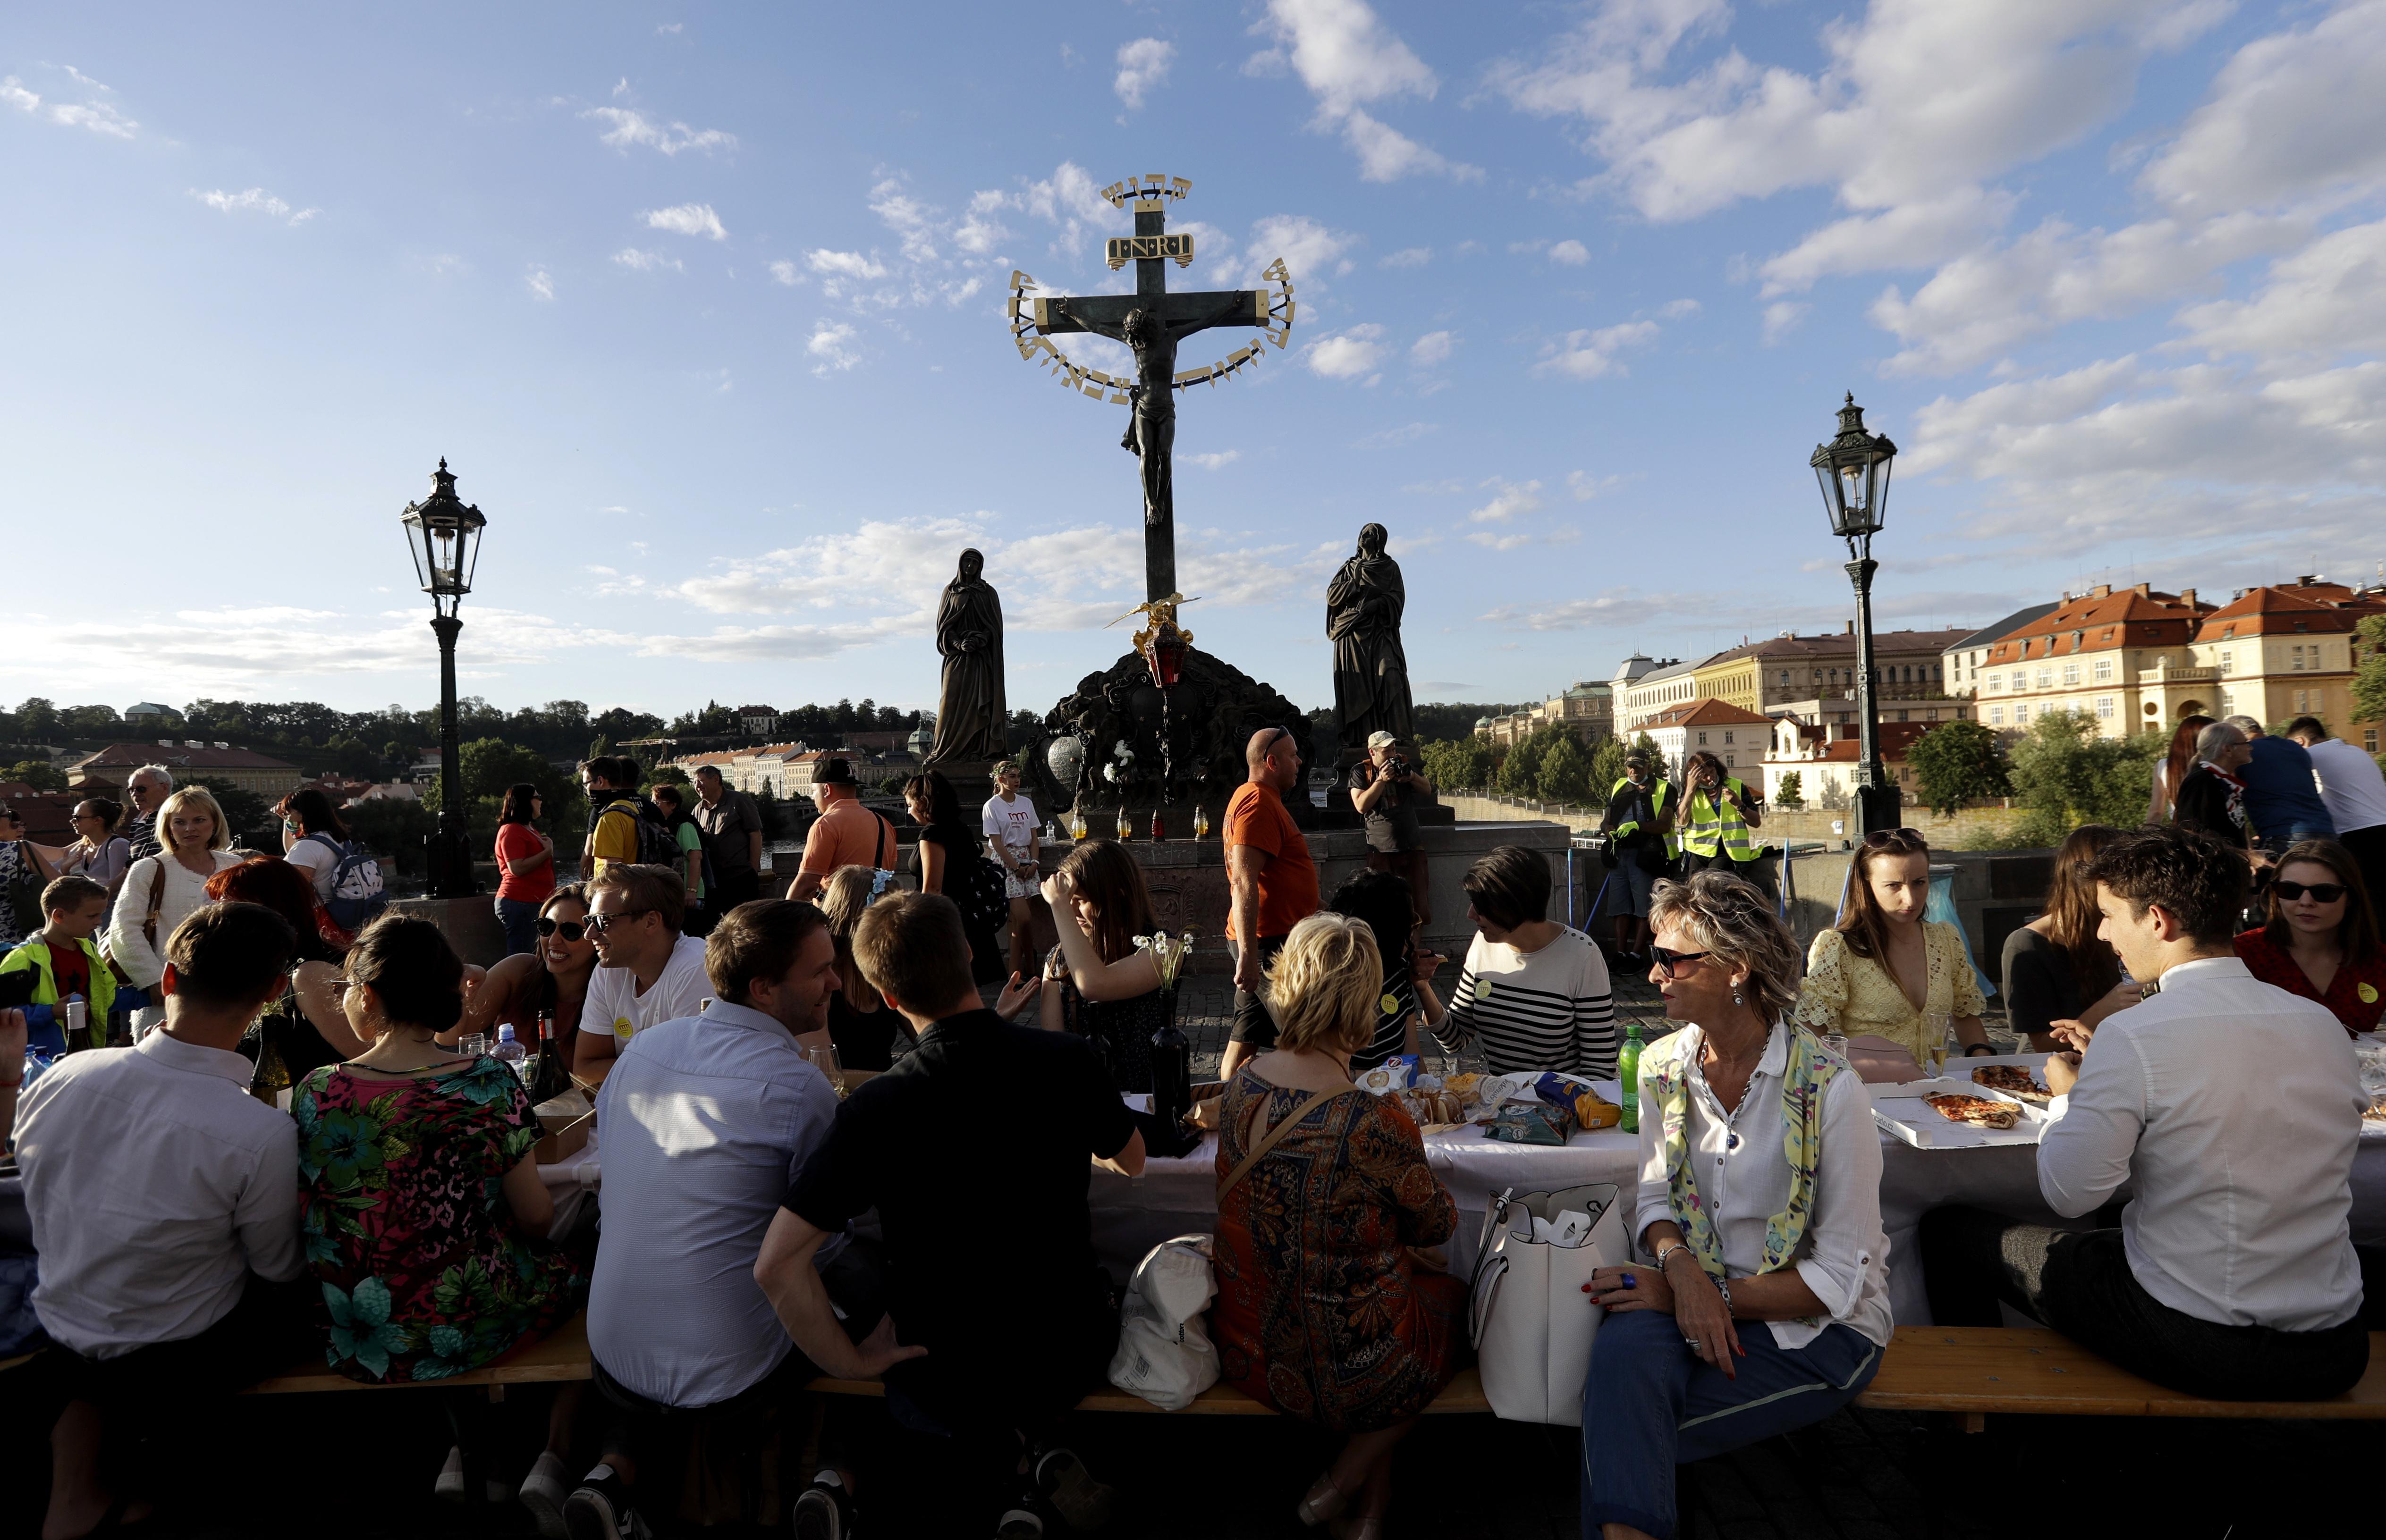 Os residentes sentam-se para jantar em uma mesa de 500 metros de comprimento colocada na ponte medieval Charles Bridge, depois que as restrições foram atenuadas após a pandemia de coronavírus em Praga, República Tcheca, terça-feira, 30 de junho de 2020.